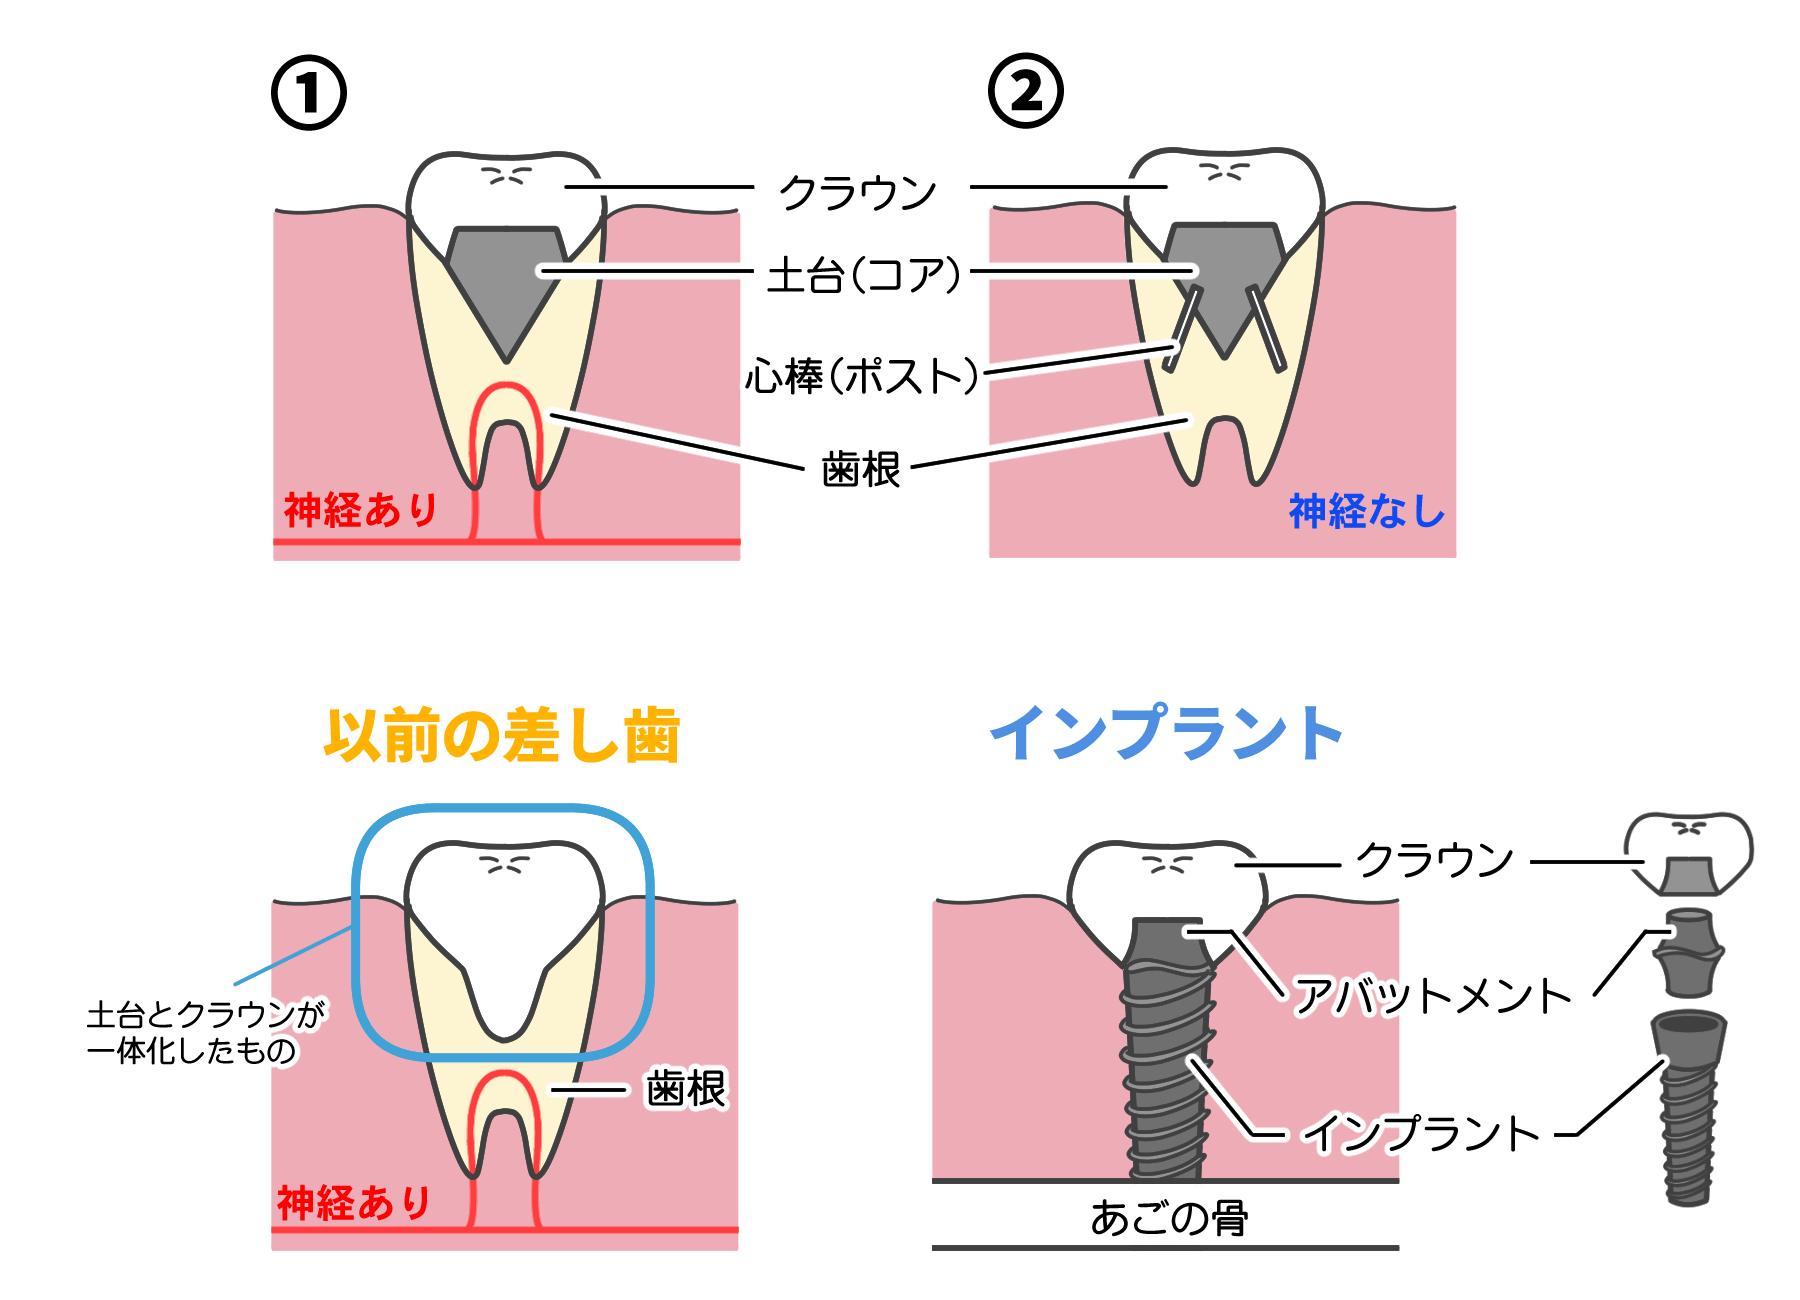 差し歯は自分の歯の根が残っている状態で歯を作る治療法です。パターン①歯根の中心を削り取り、神経を残したまま金属やセラミックの土台をつけて歯の形をした被せ物をします。パターン②歯根はあるけど神経がない場合は、神経のあった空洞部分に心棒をたて、それを元にコアを作ってからクラウンを被せます。以前の差し歯は、土台とクラウンが一体化したものを歯根に差し込んでいたので差し歯と呼ばれていました。よく差し歯と比較されるインプラントは、歯根がない状態でインプラントを埋め込み新たに歯を作る治療法です